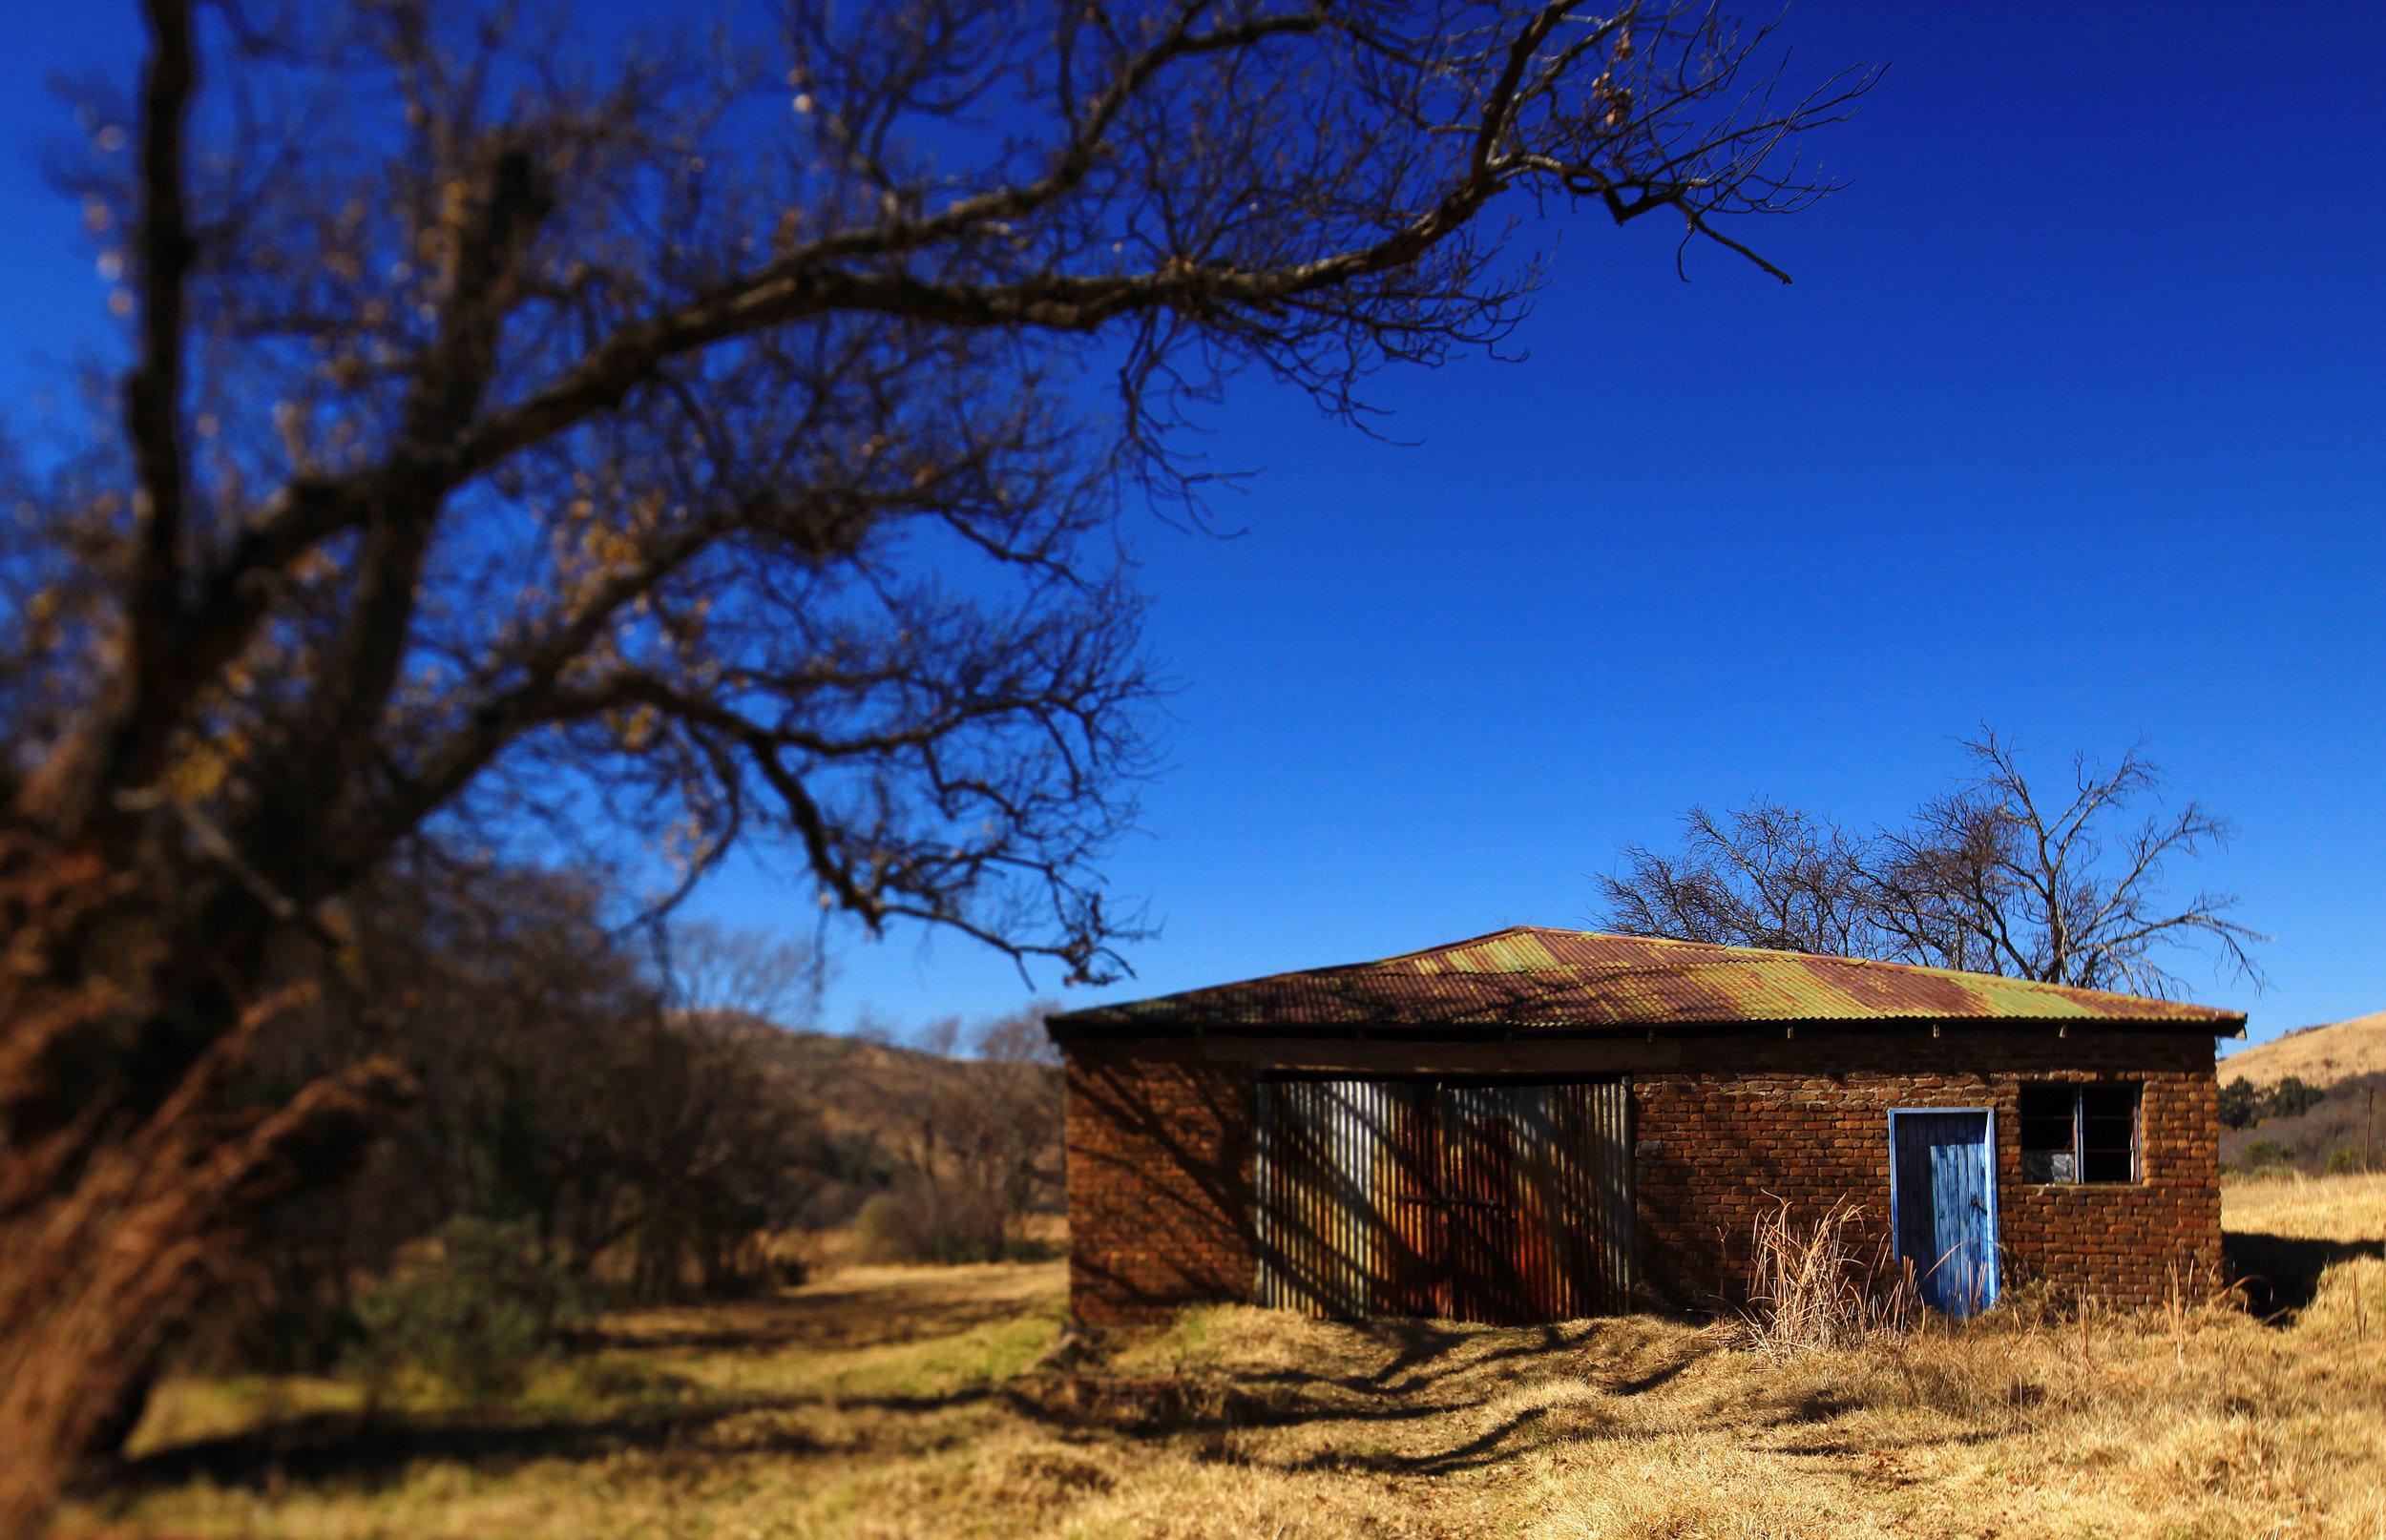 V Pilcher - The Blue Door.jpg